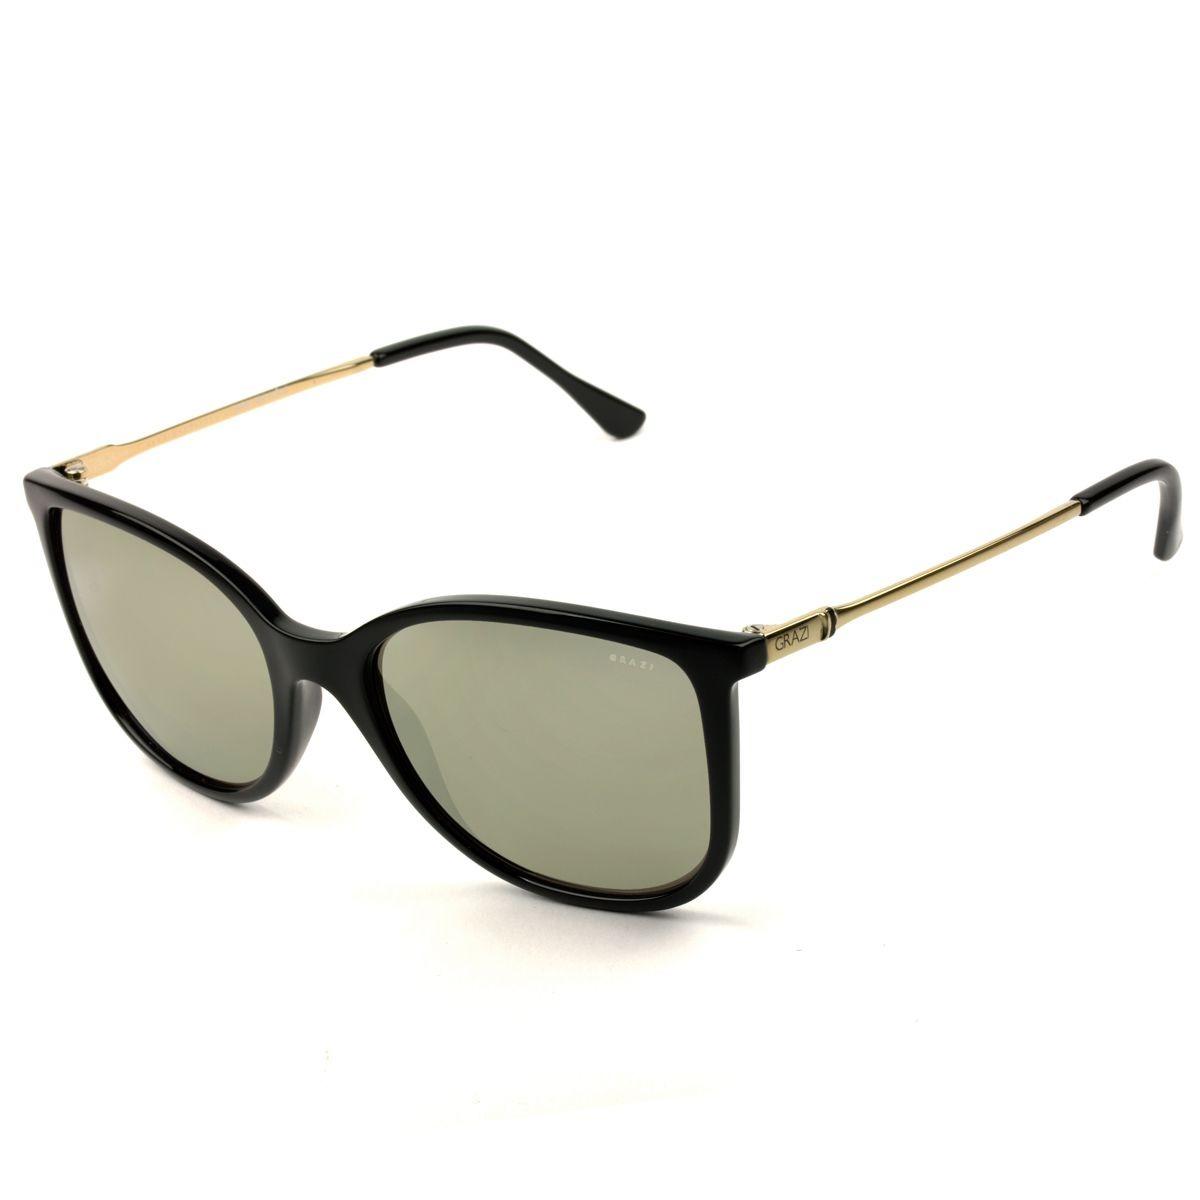 Óculos De Sol Feminino Grazi Massafera Gz4020 E825 - R  239,00 em ... 8fe321ad65